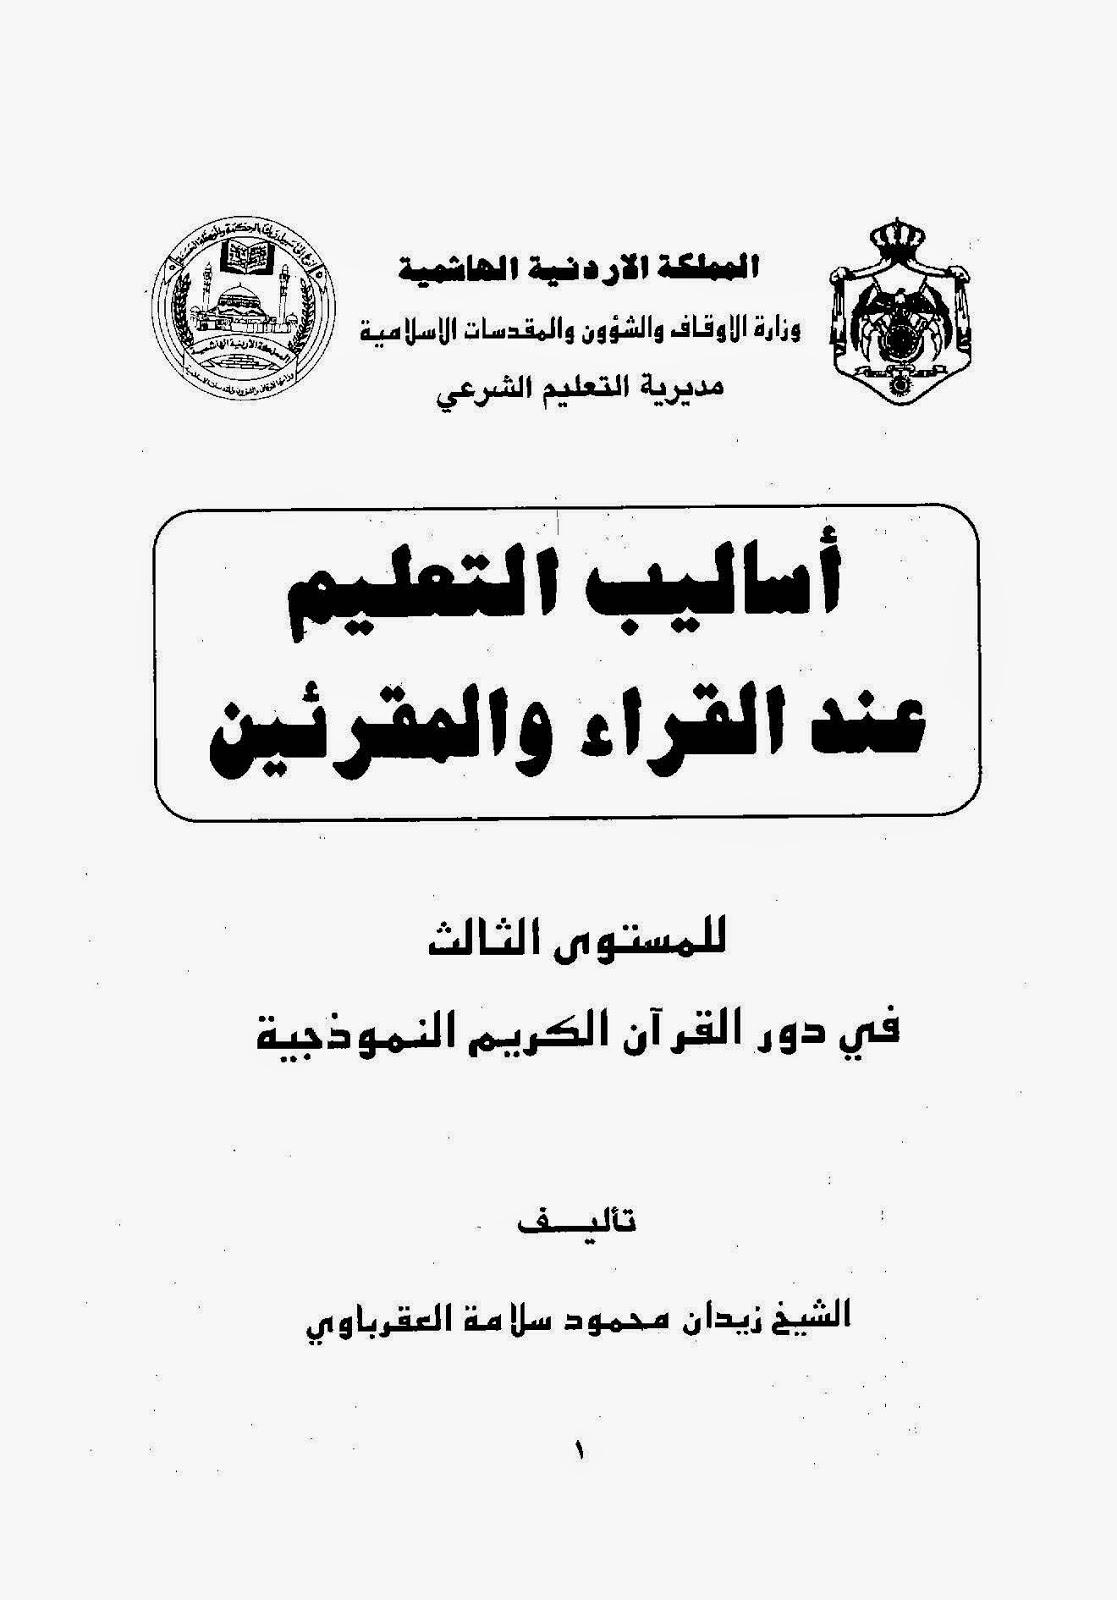 أساليب التعليم عند القراء والمقرئين - زيدان العقرباوي pdf